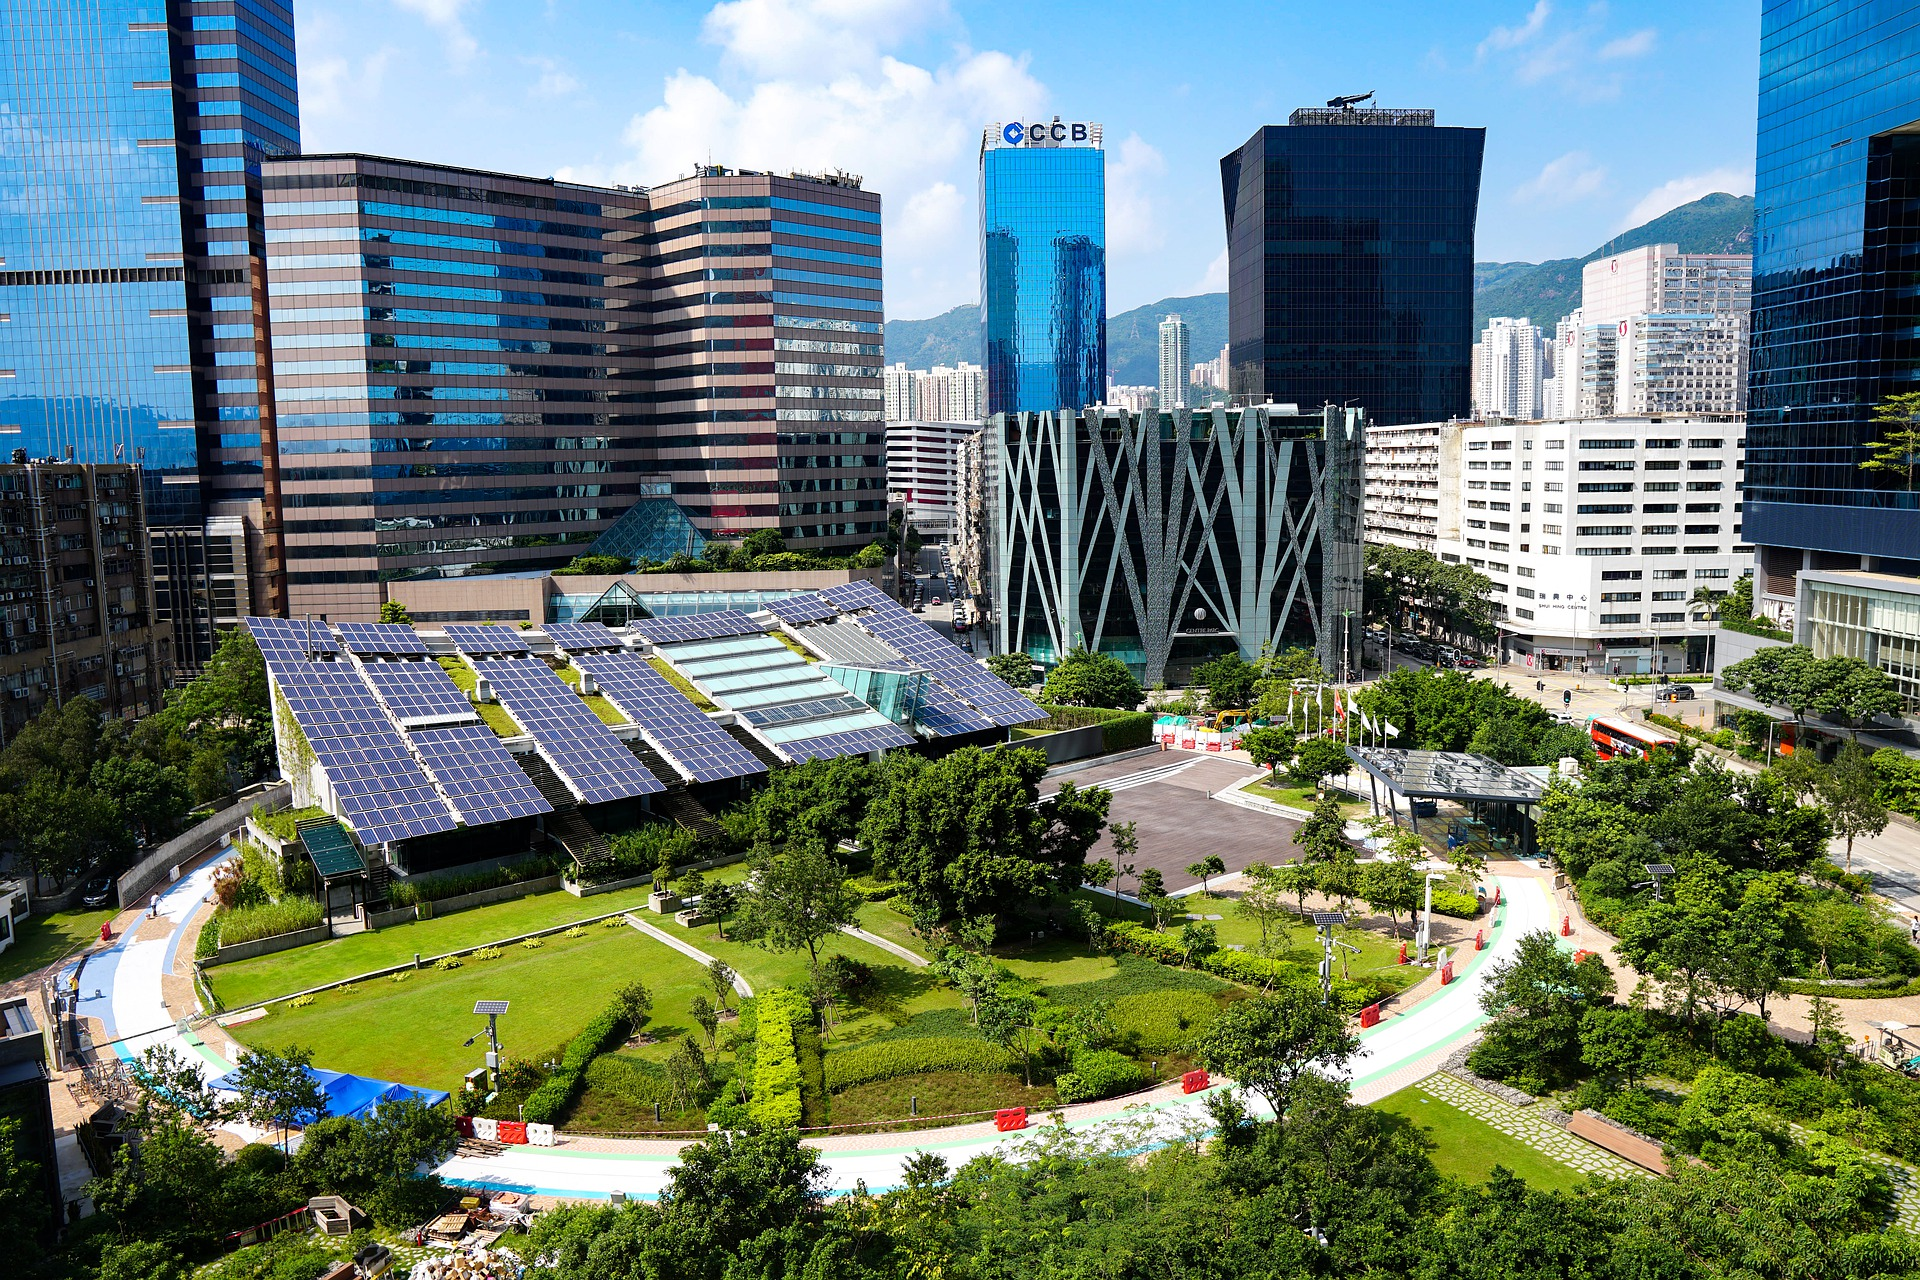 Як аналітика даних може зробити міста більш екологічними